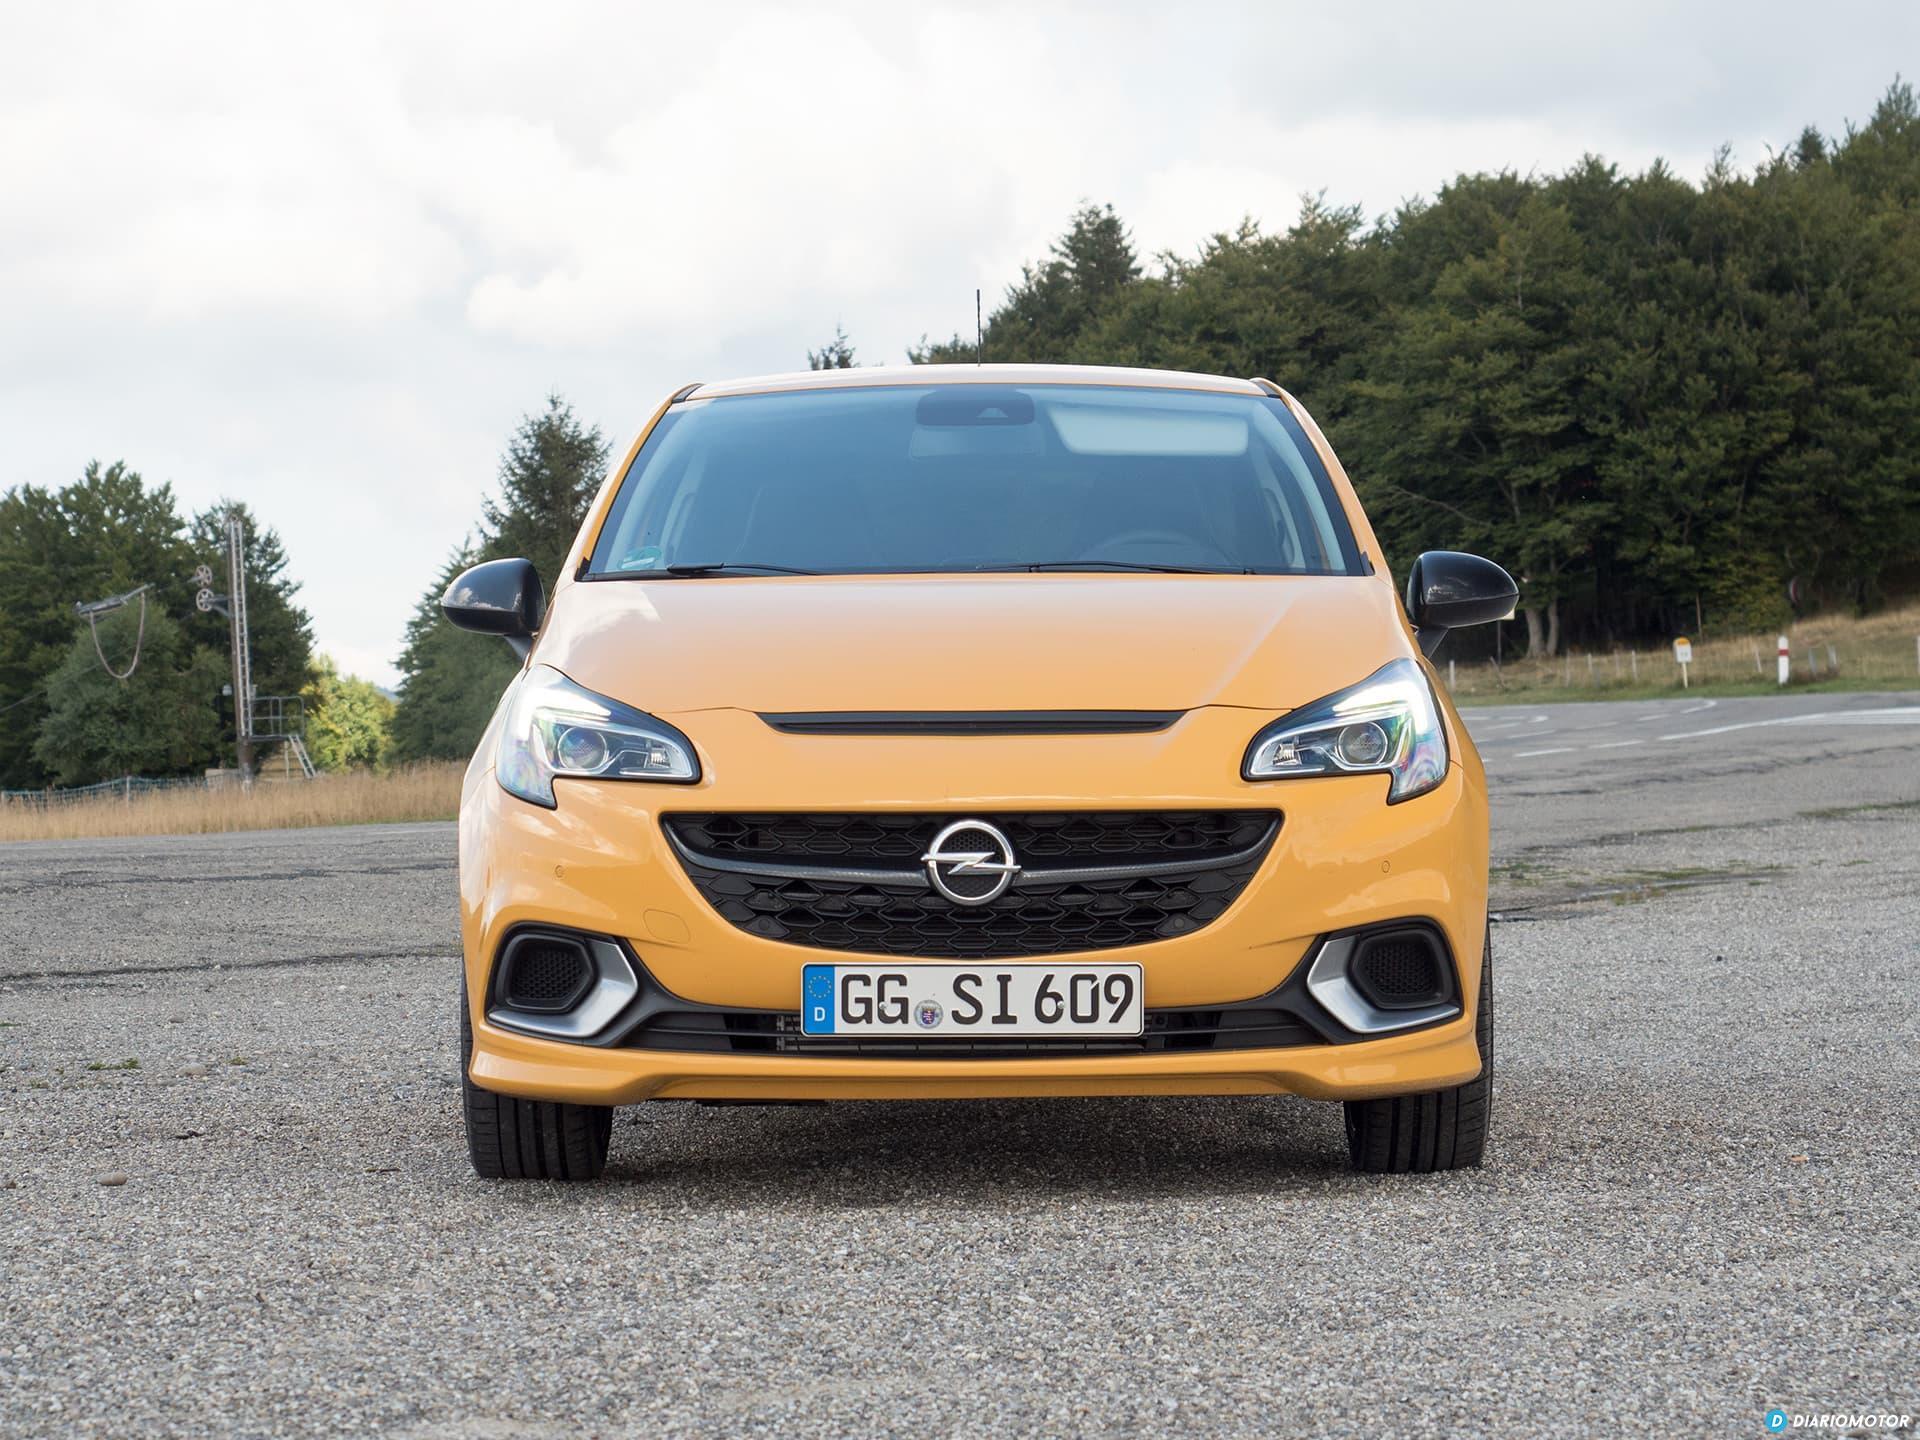 Opel Corsa Gsi Exterior 00009